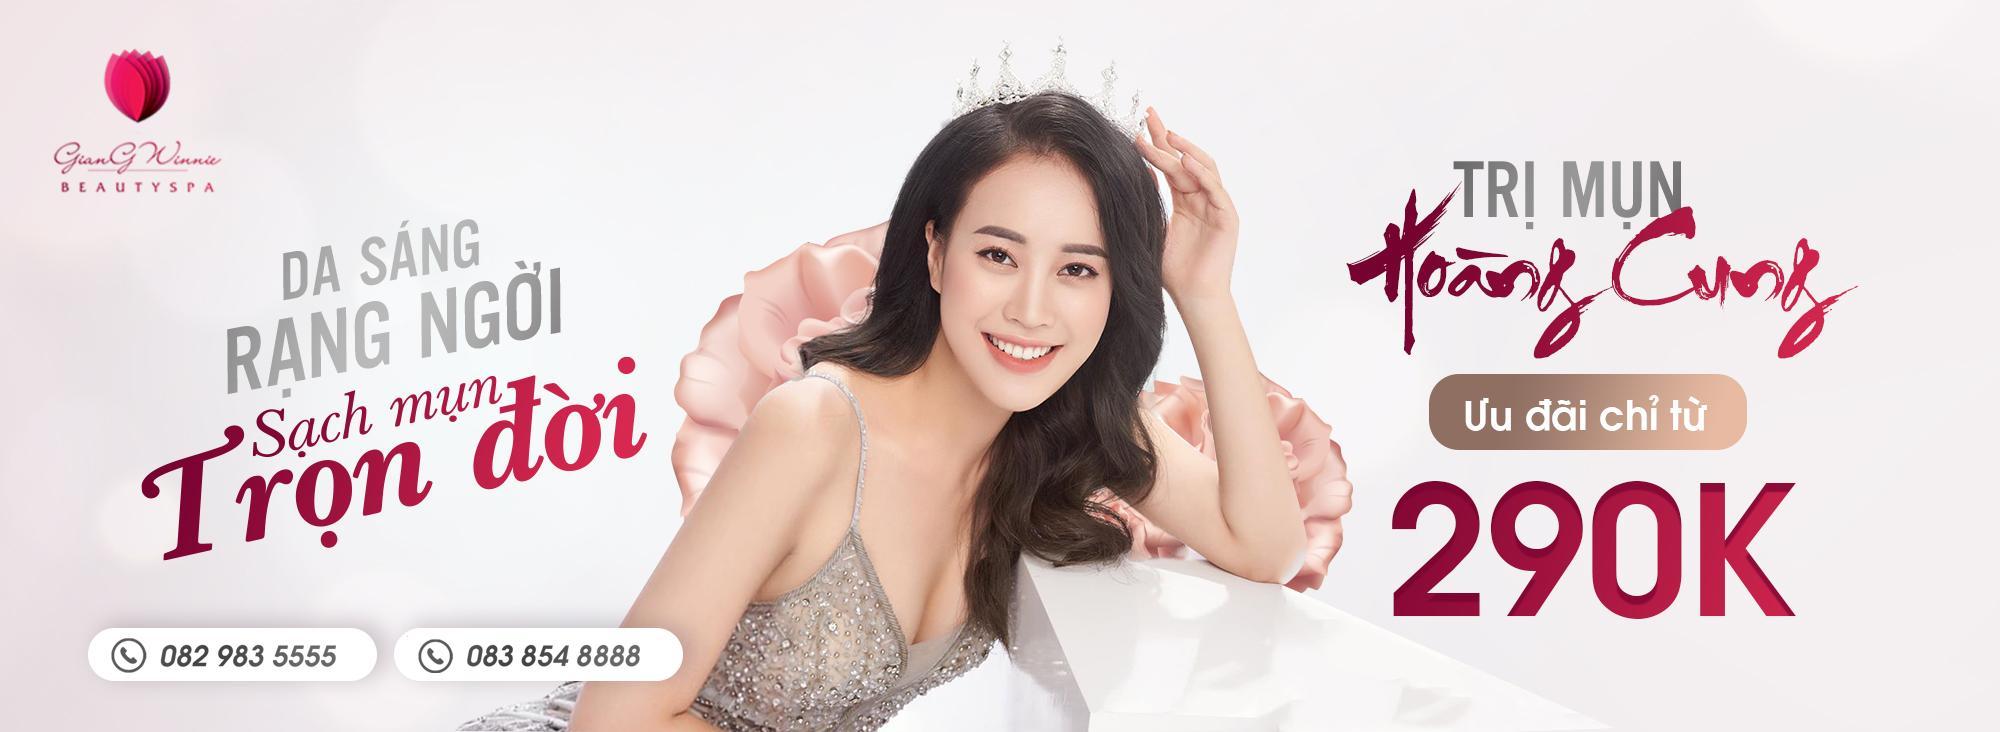 Trị Mụn Hoàng Cung Giang Winnie